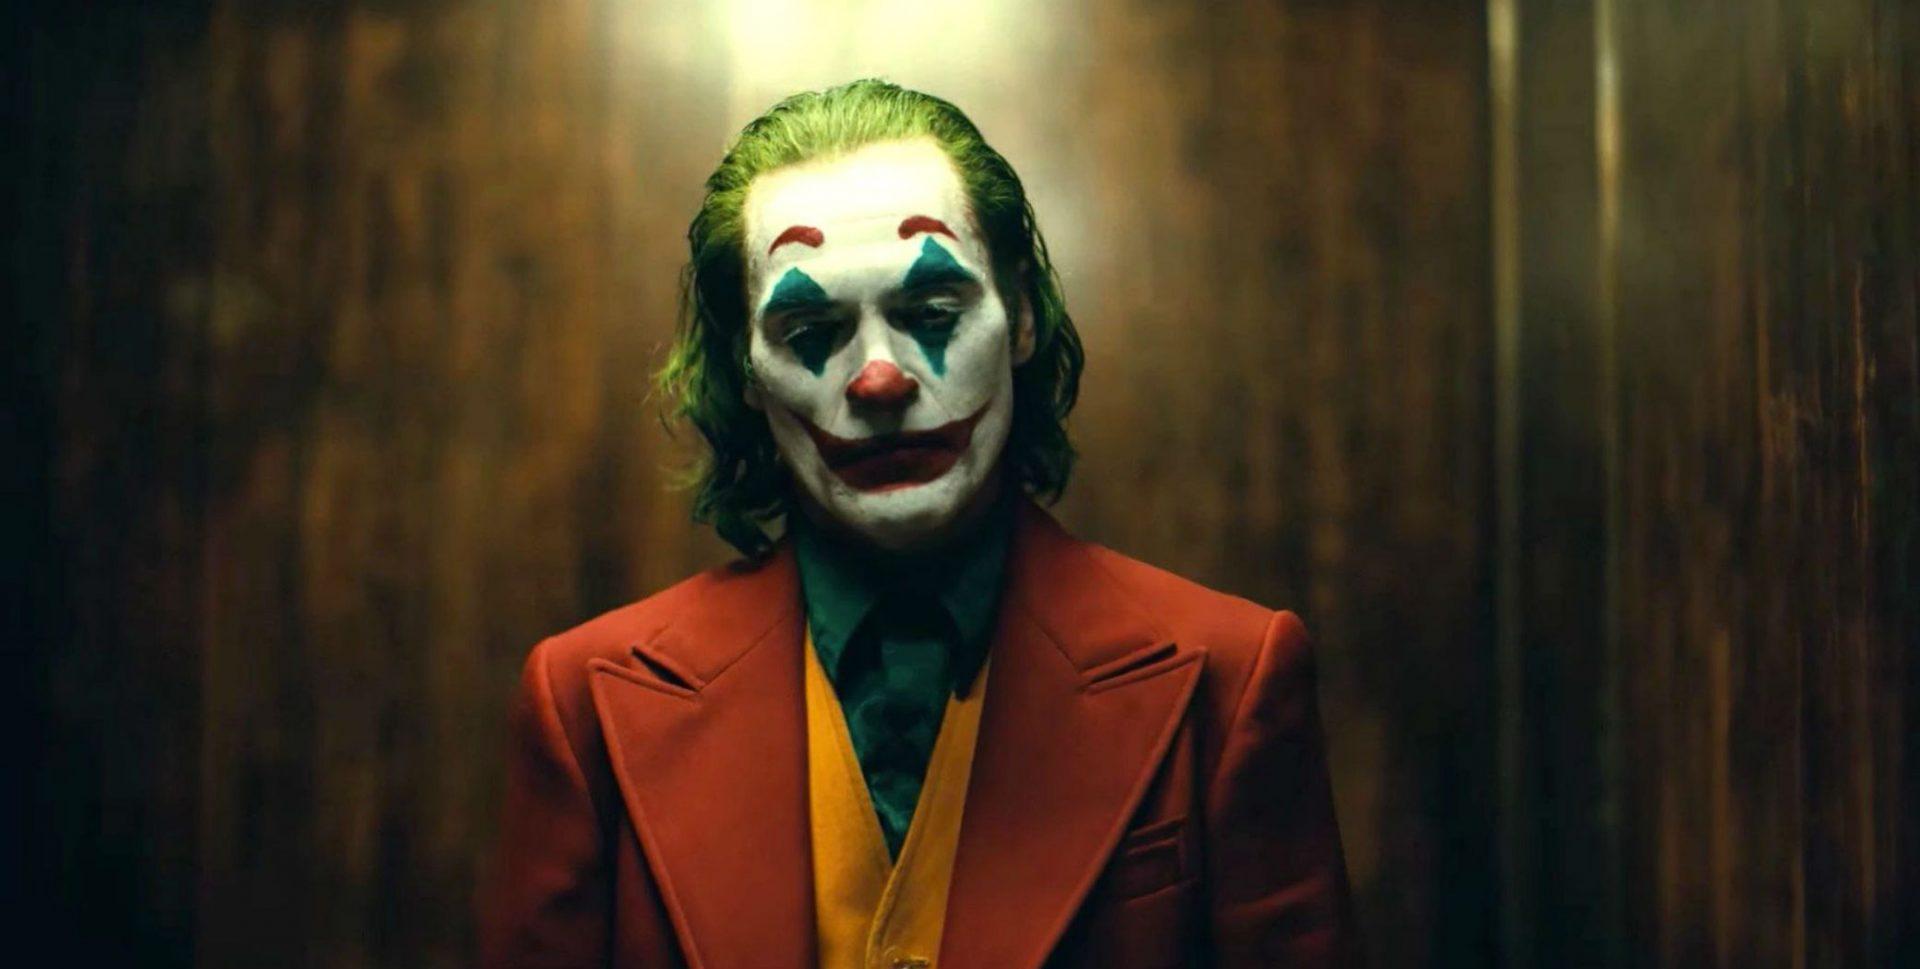 Crítica: Joker (2019)